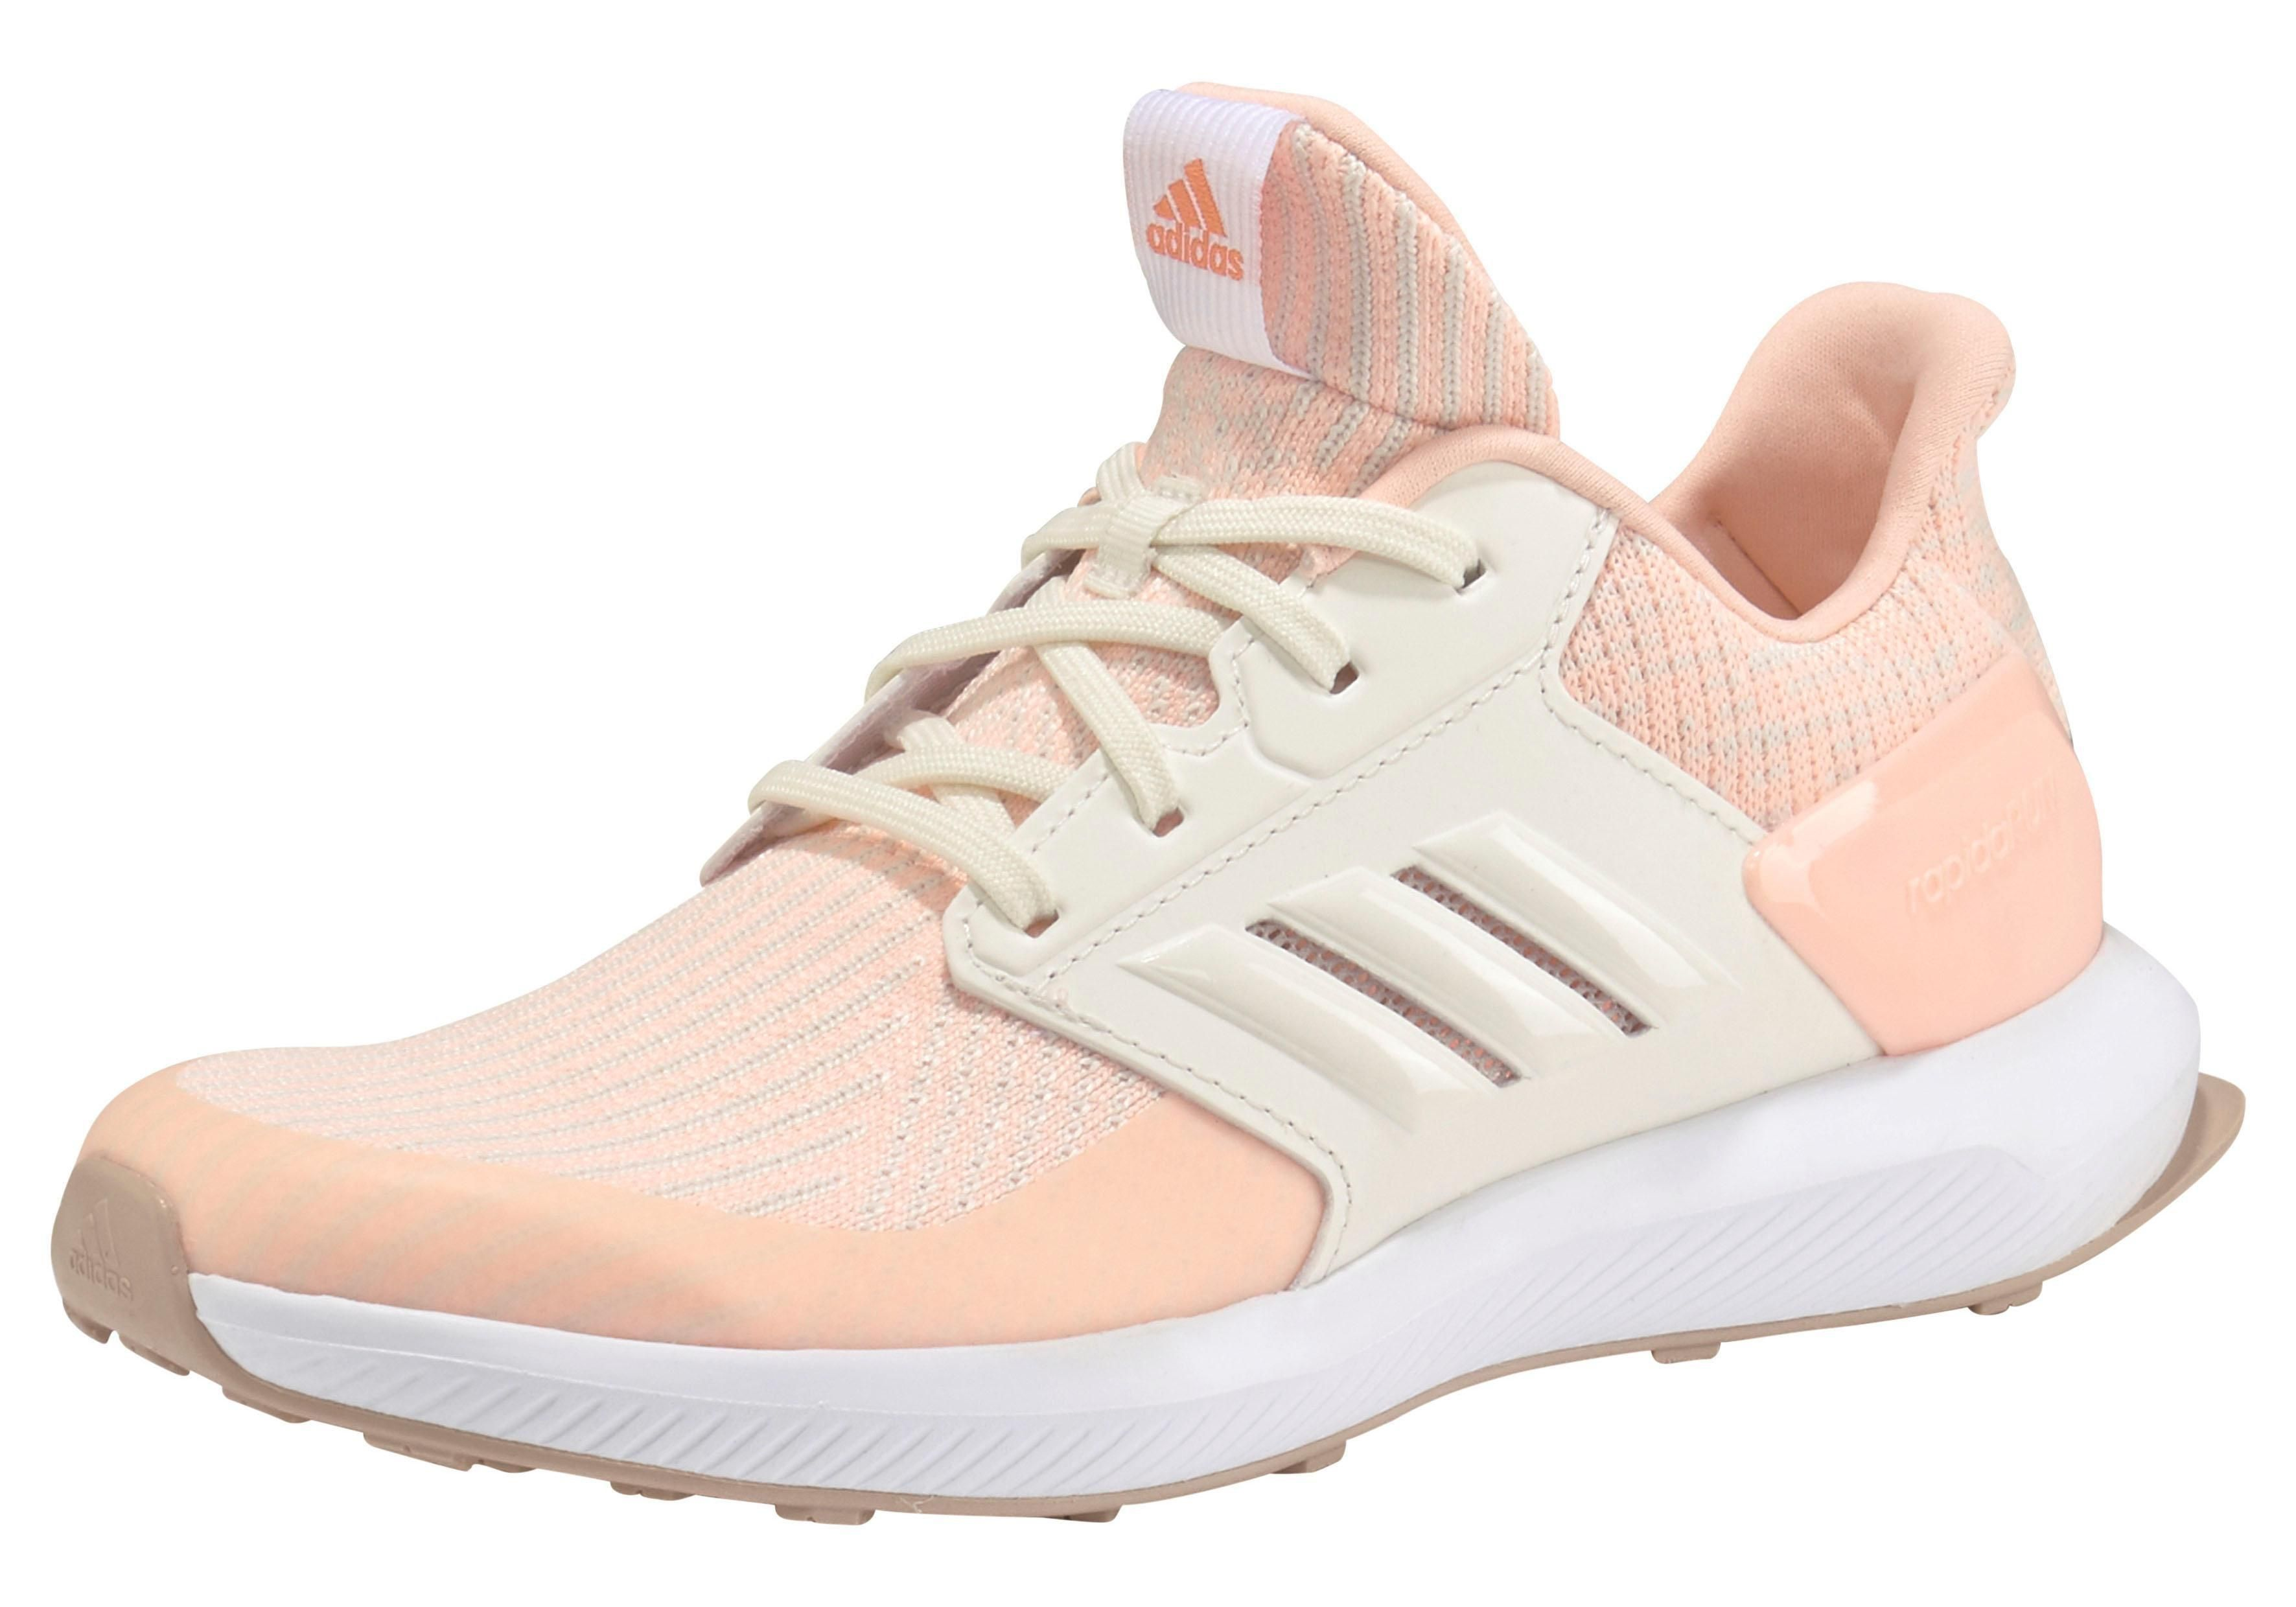 Adidas Performance adidas Schuhe & Mode für Damen und